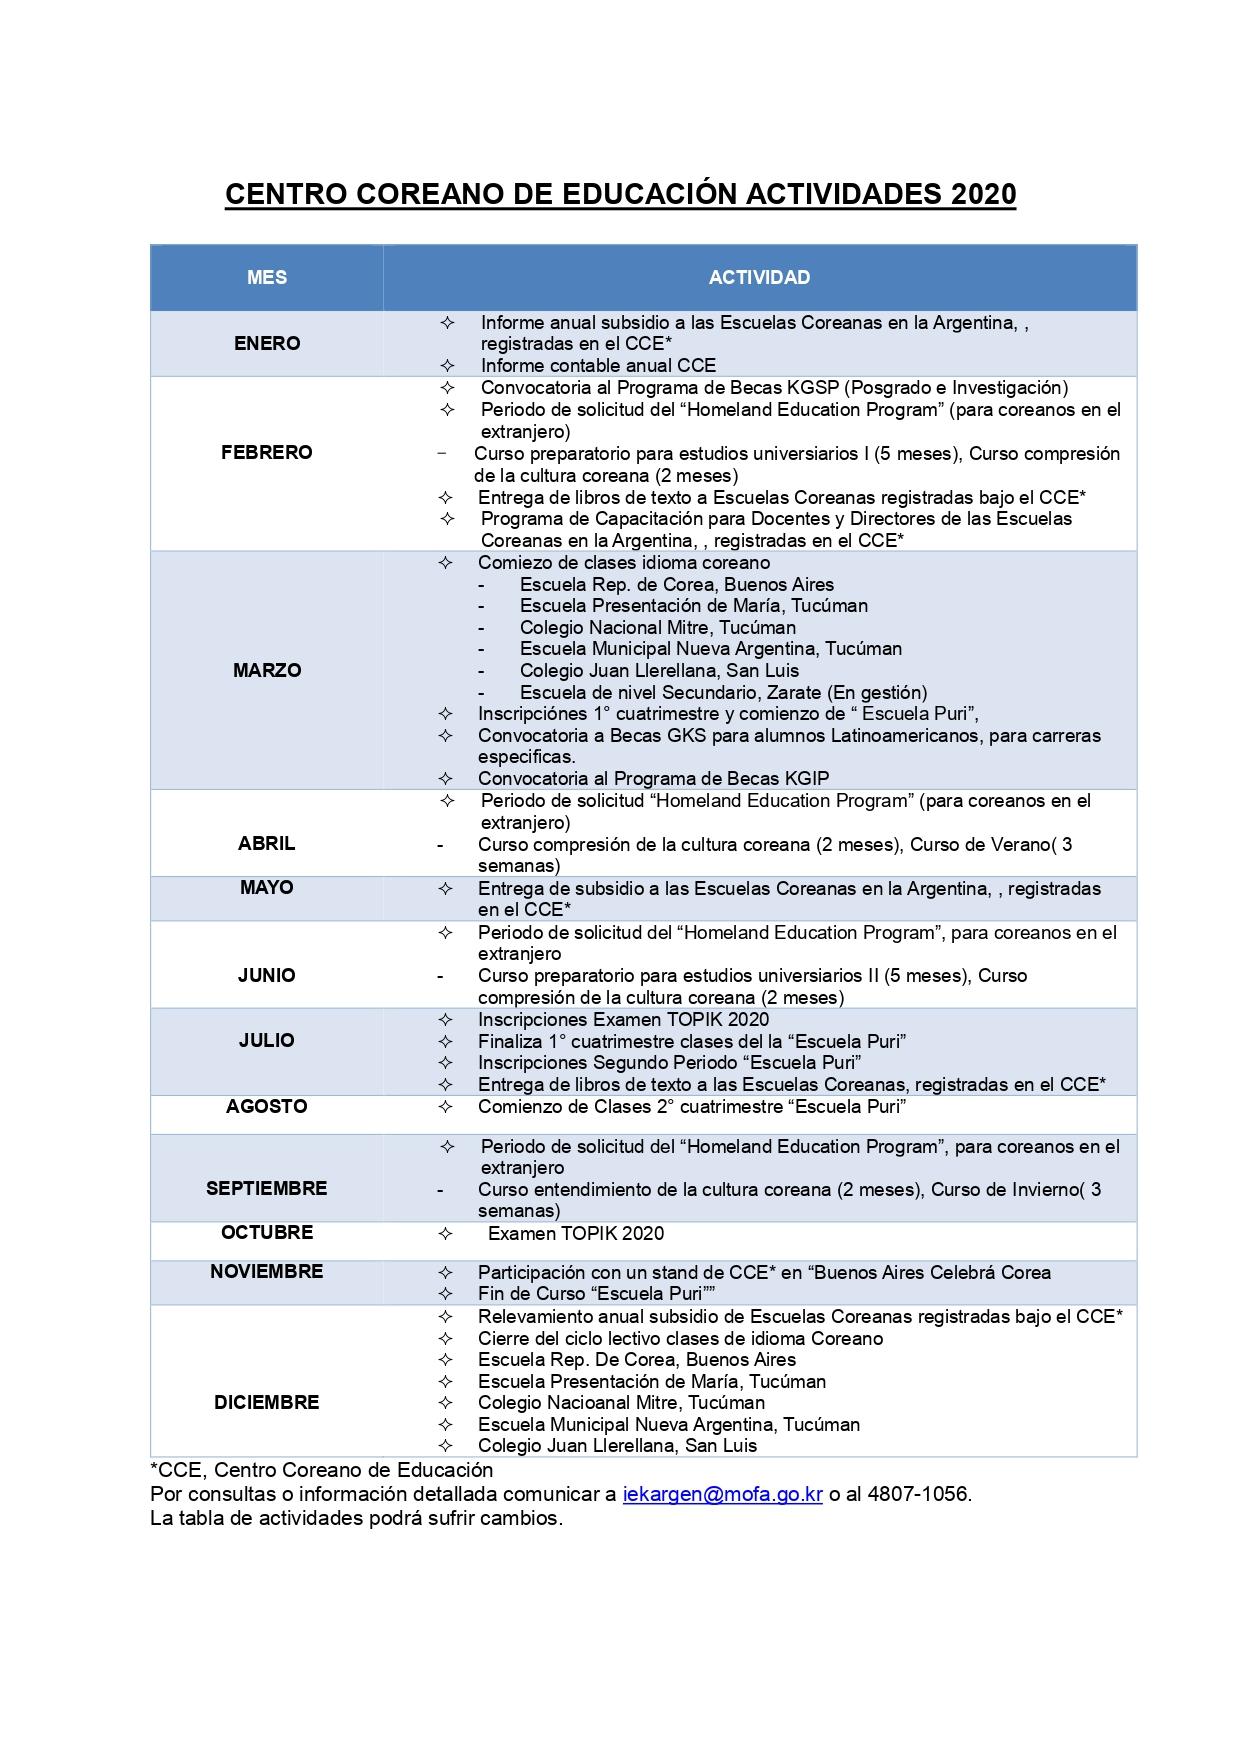 Centro Coreano de Educación Actividades 2020.jpg